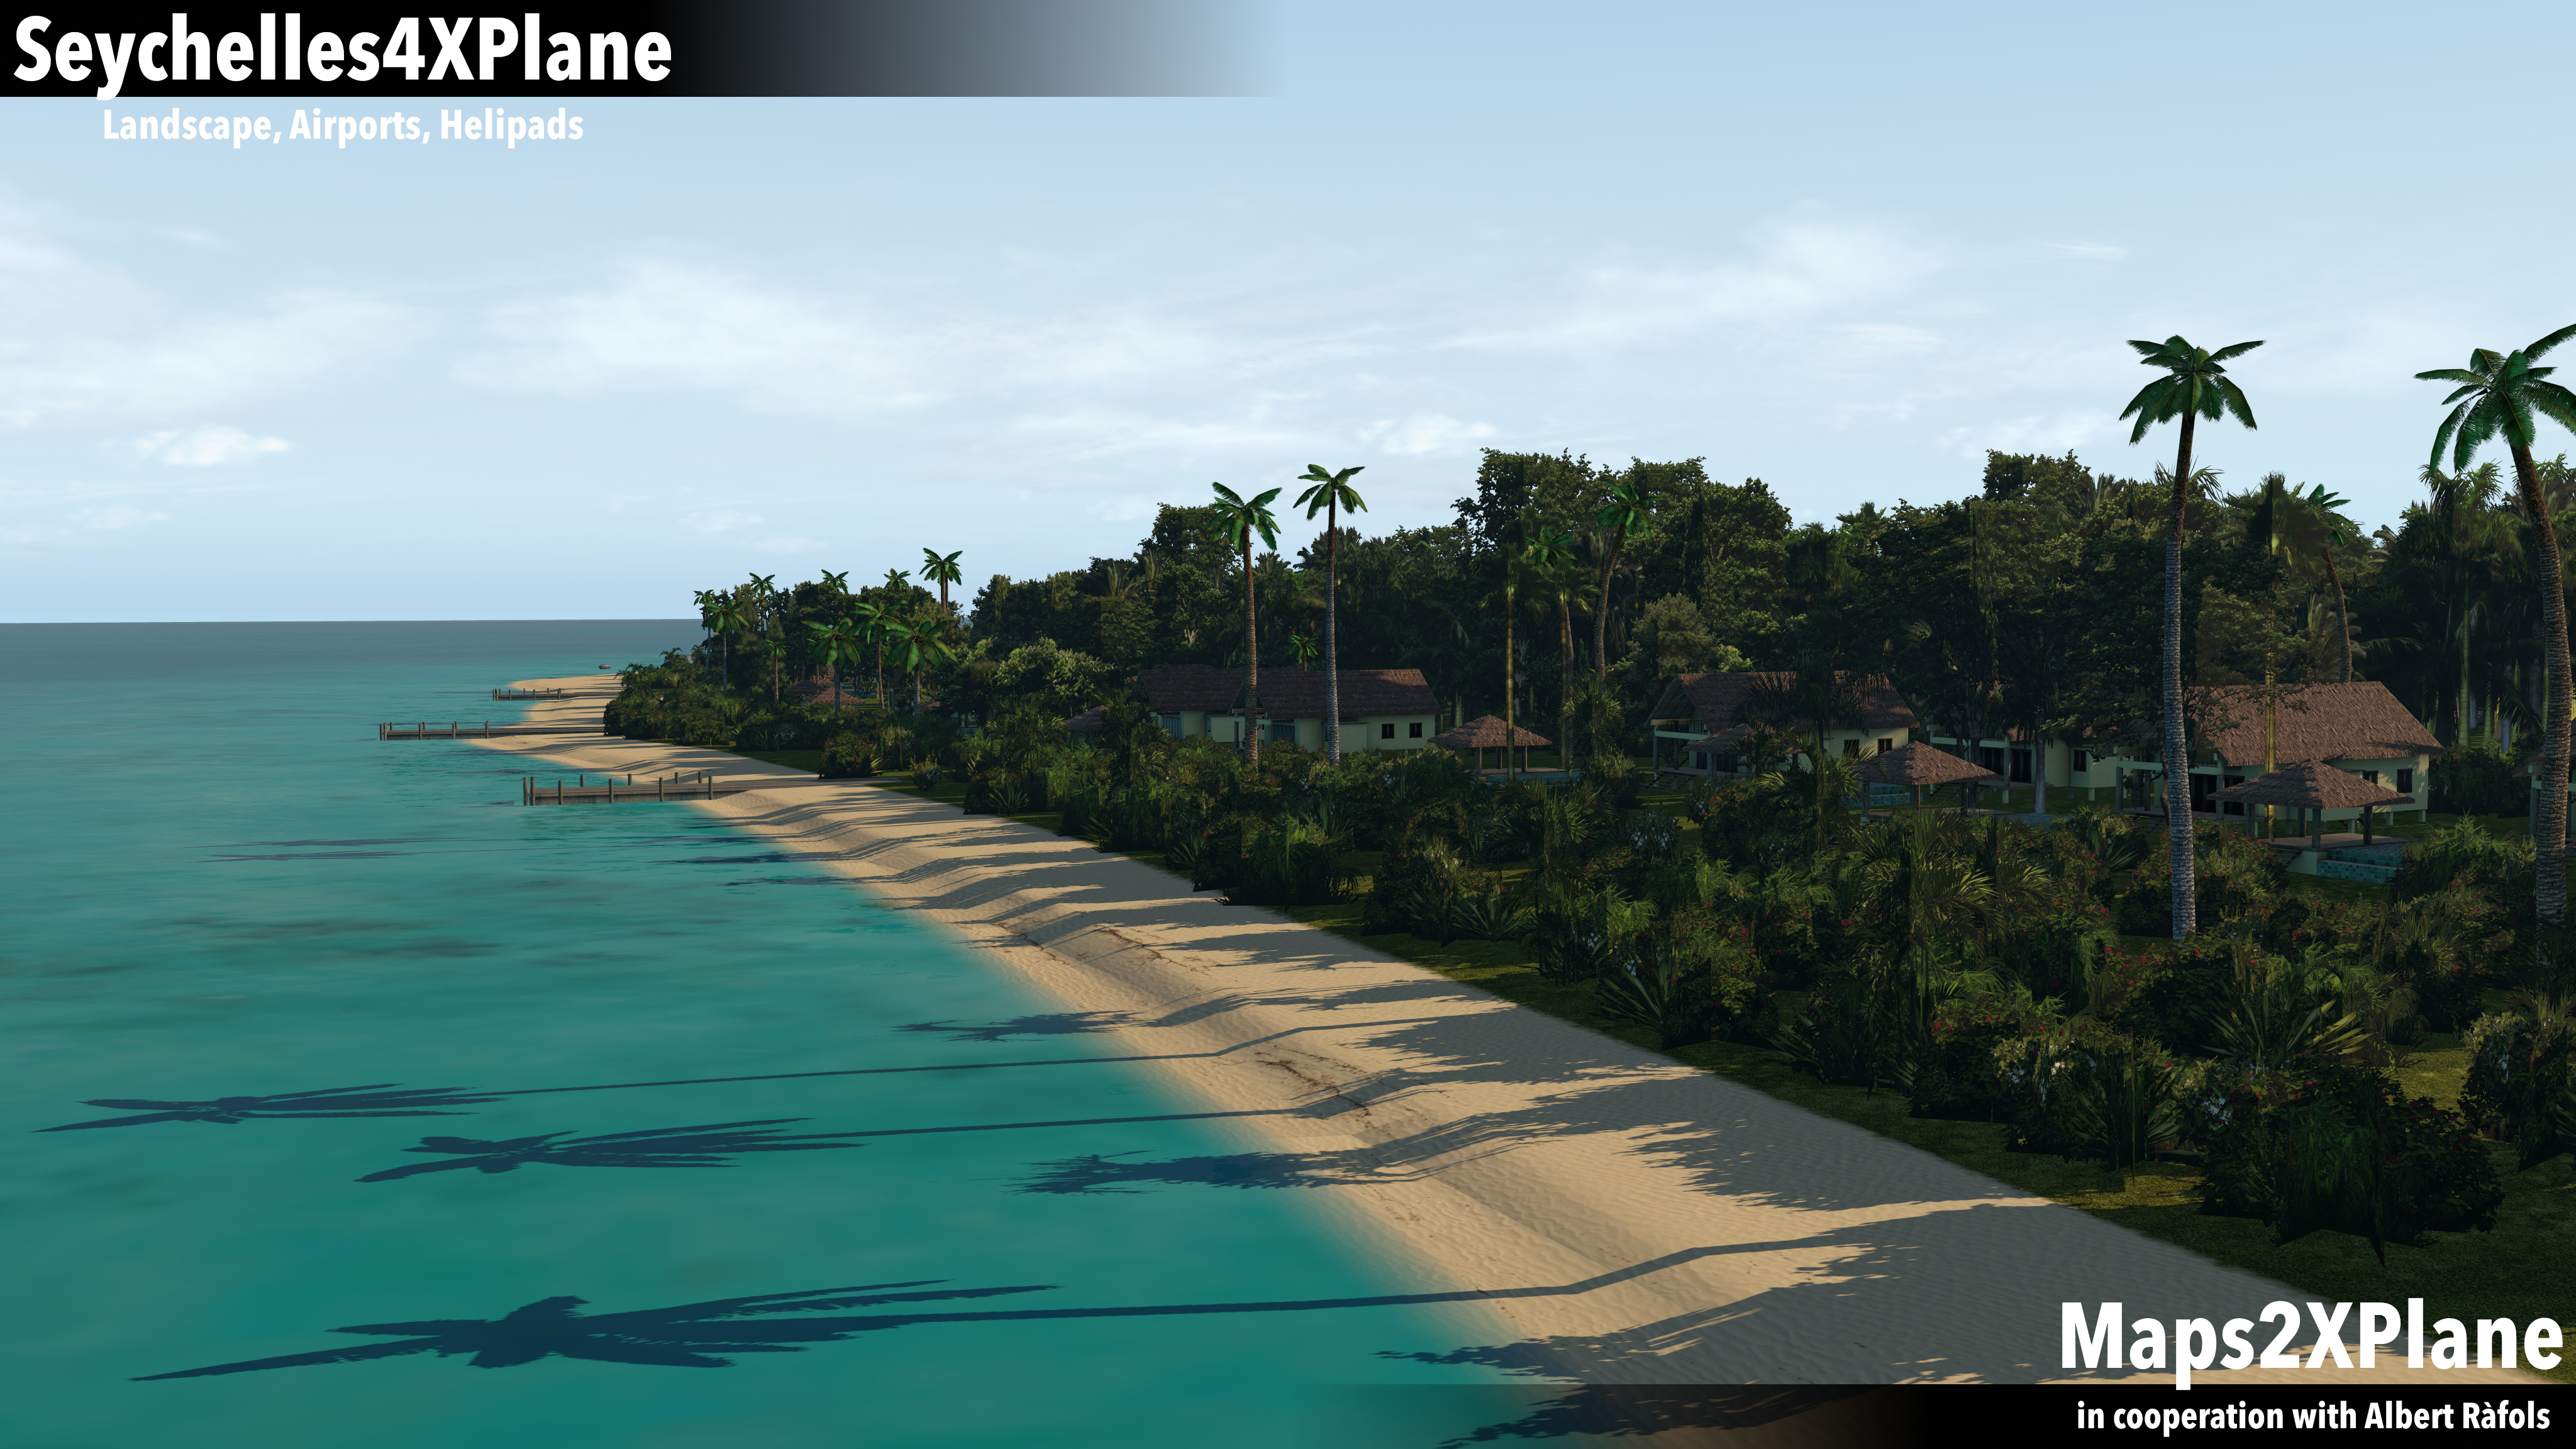 seychelles4xplane_fsdr_02.jpg